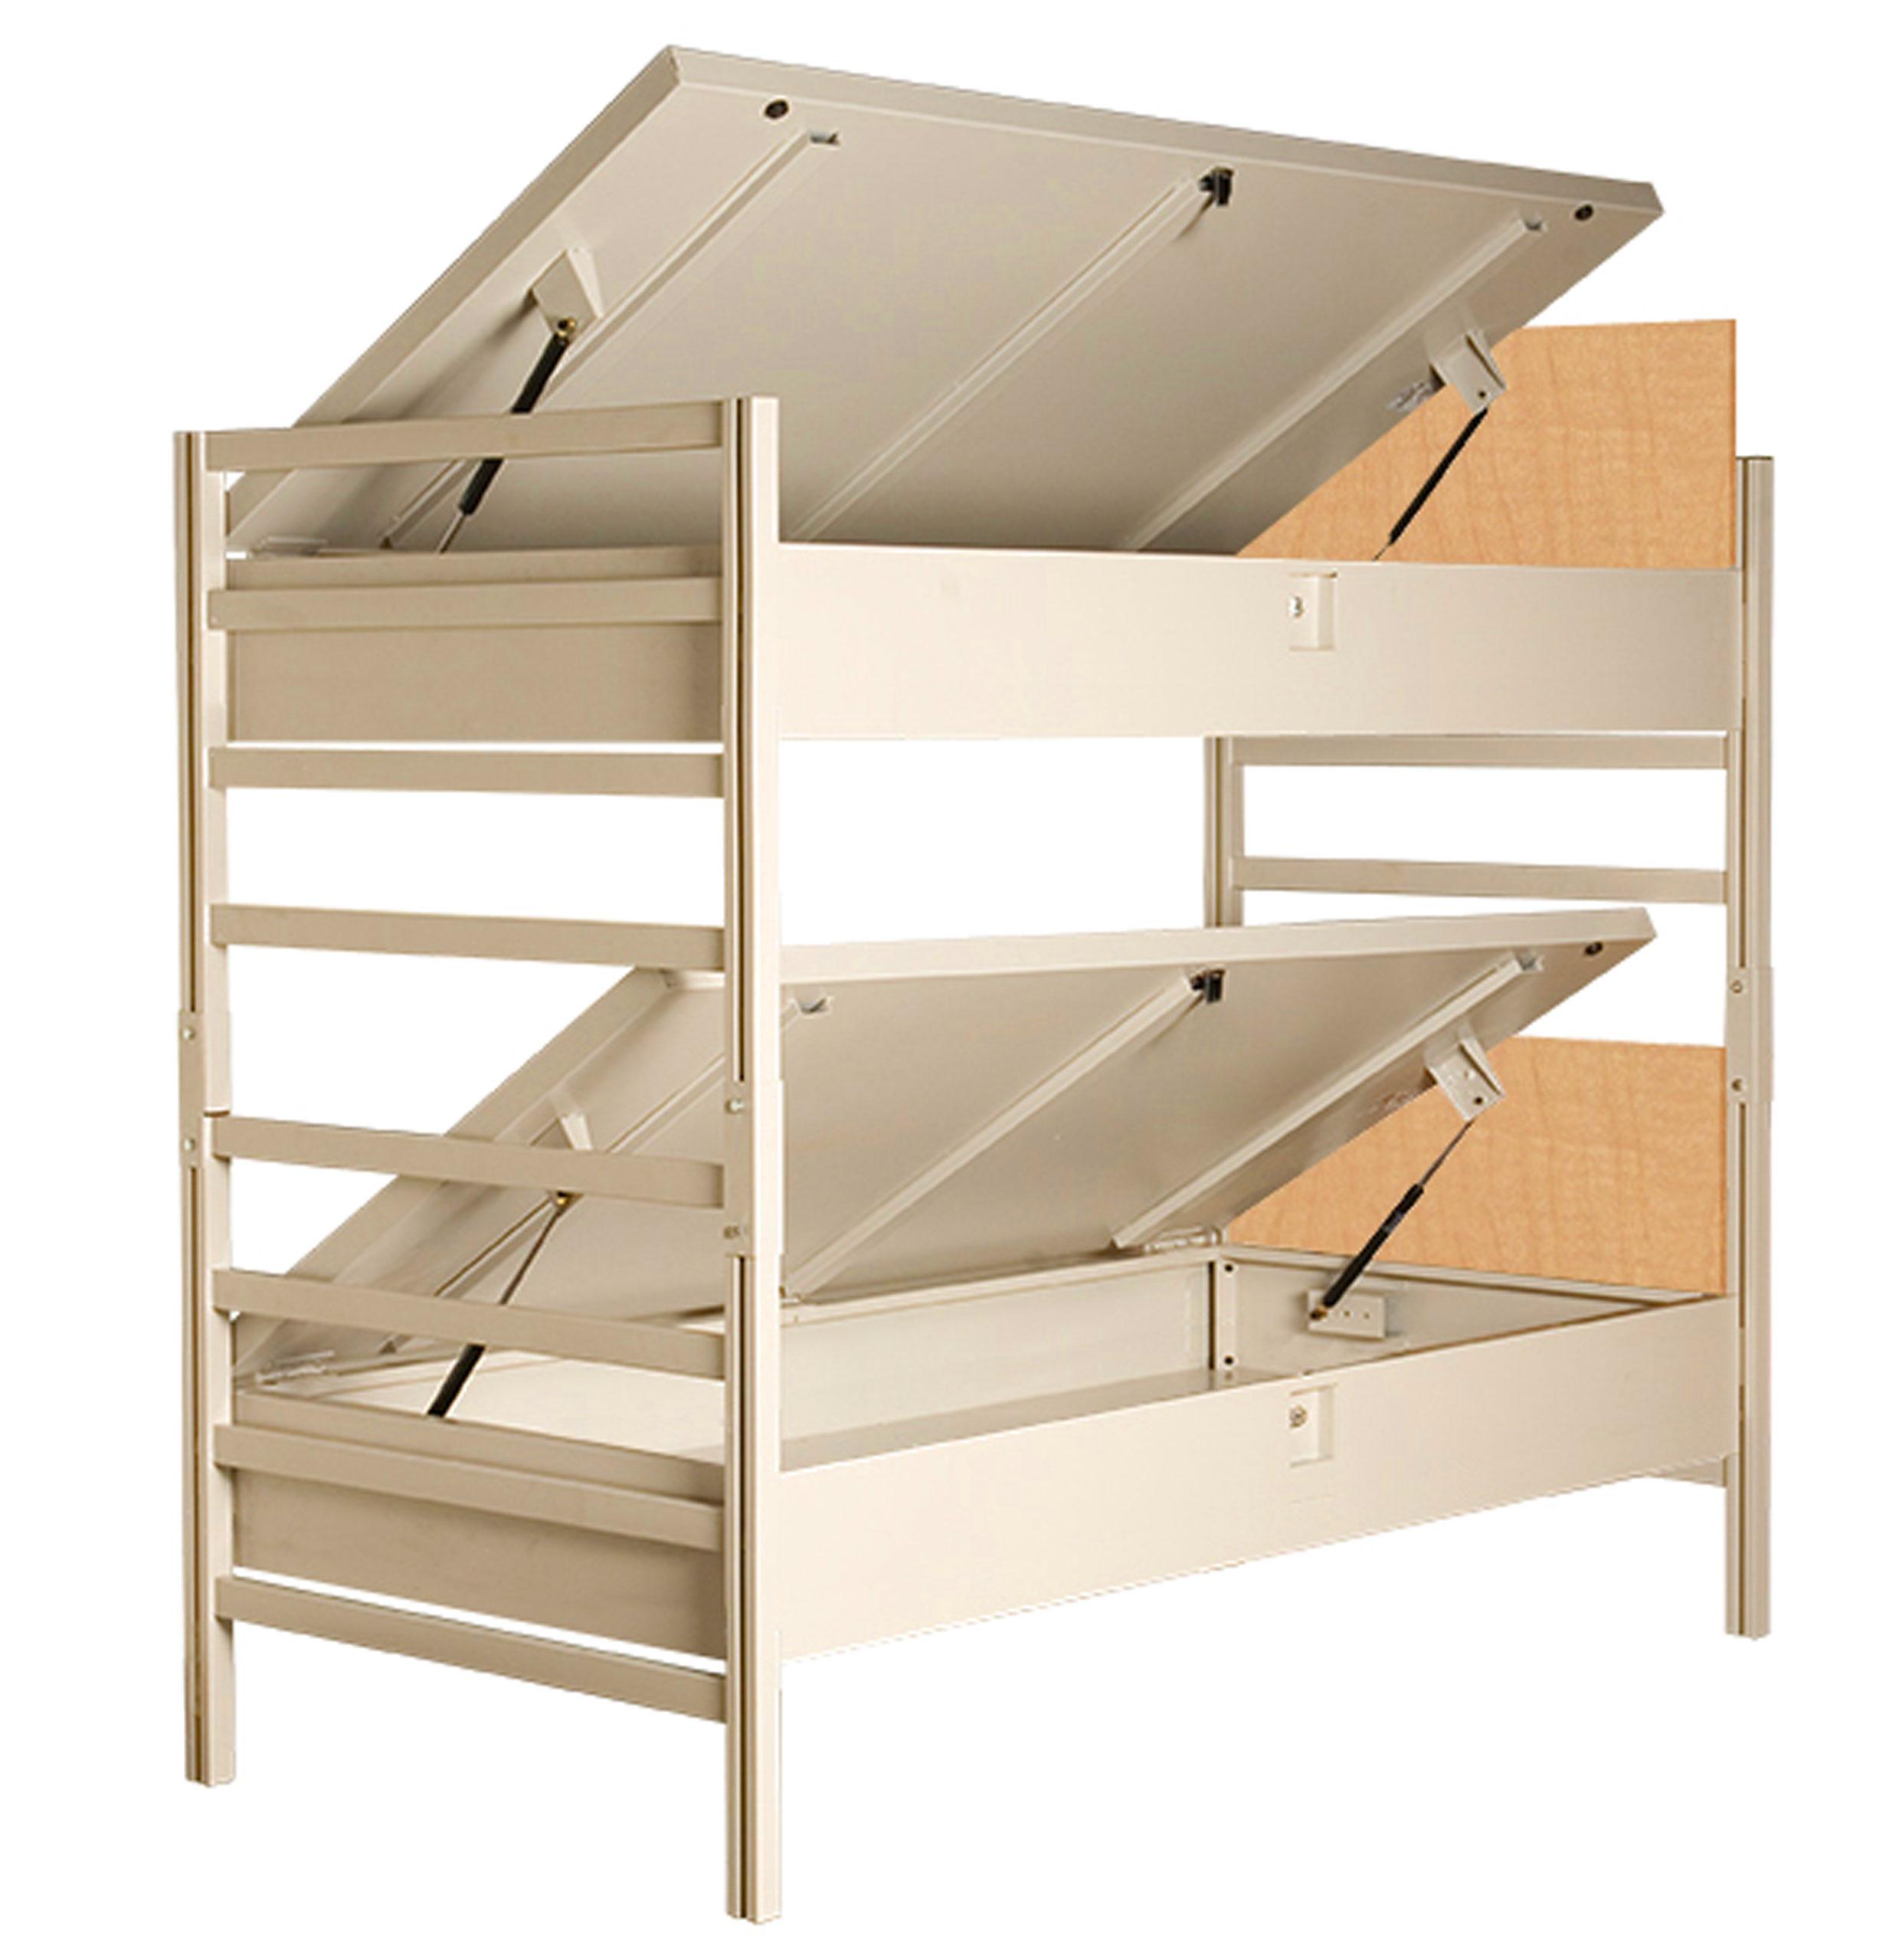 GSA Bunk Bed